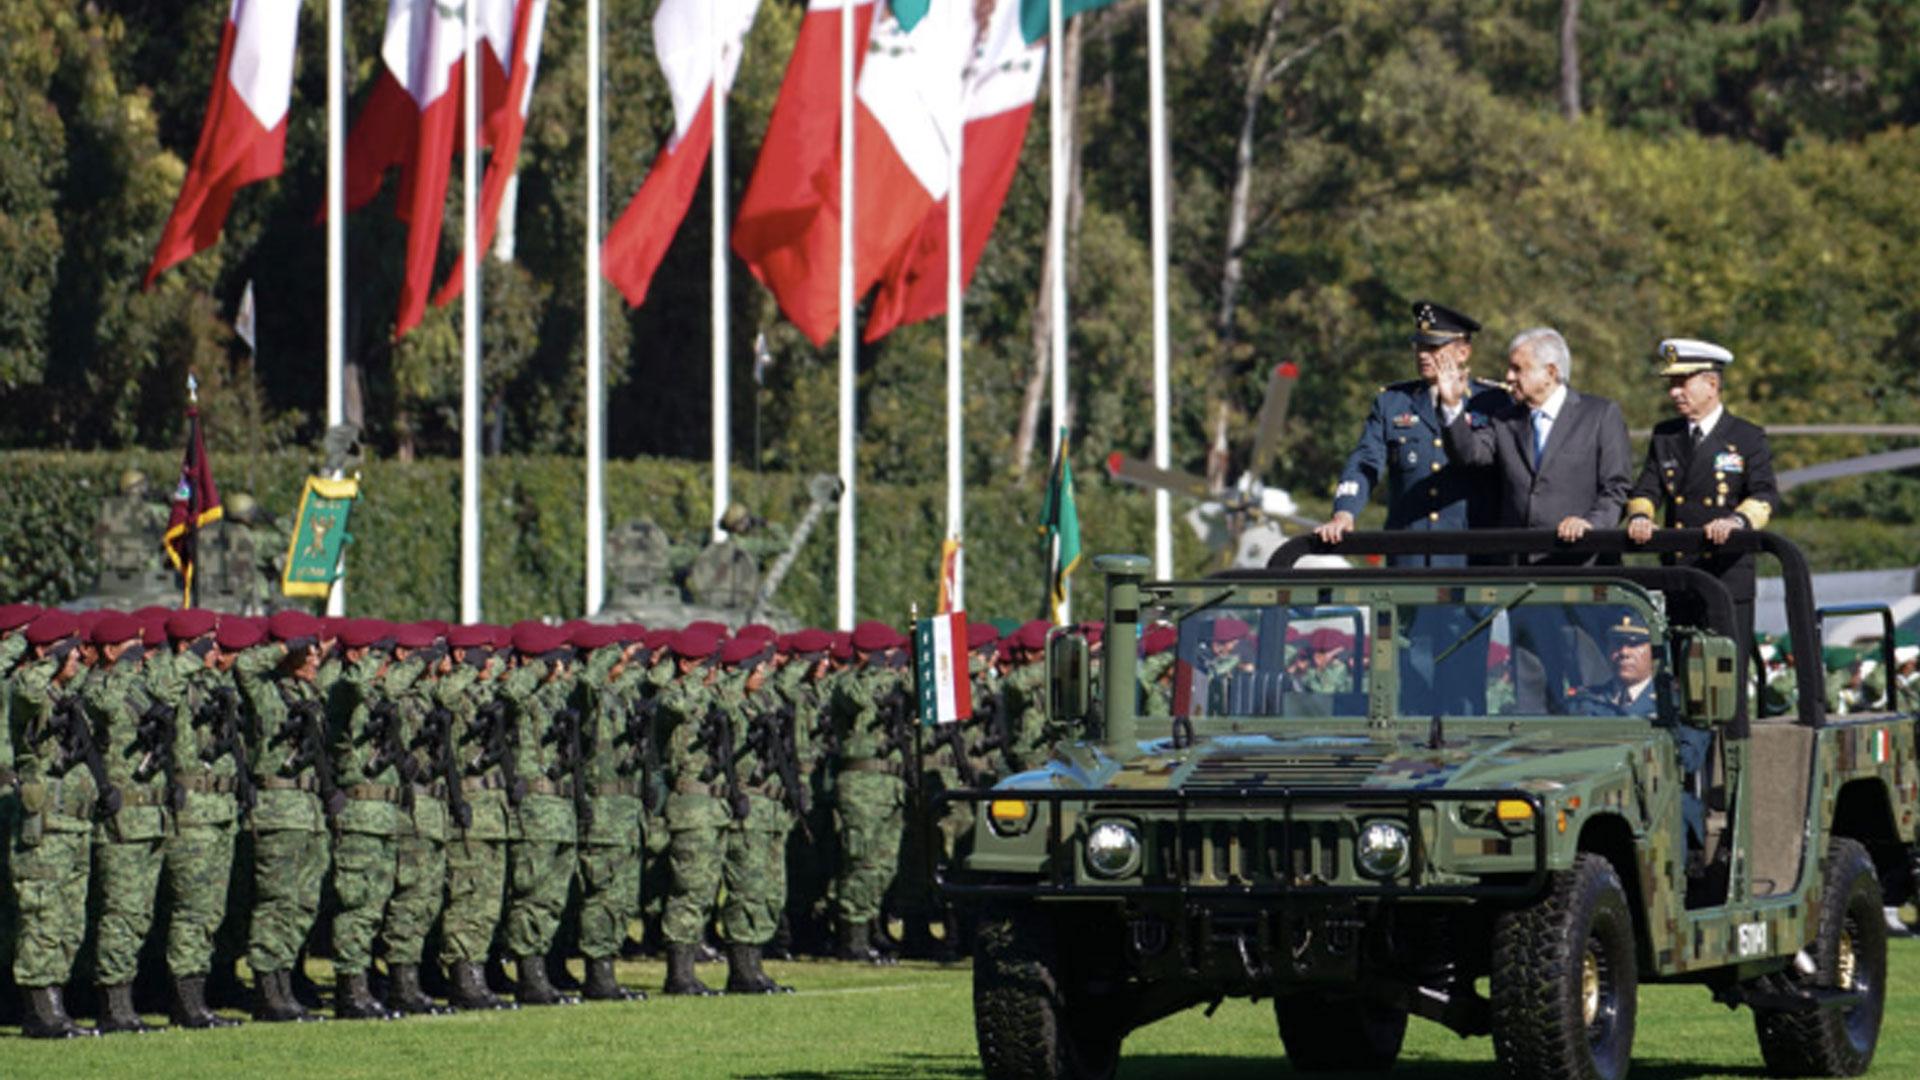 El presidente propuso un modelo militarizado de policía nacional. (Foto: Lopezobrador.org.mx)